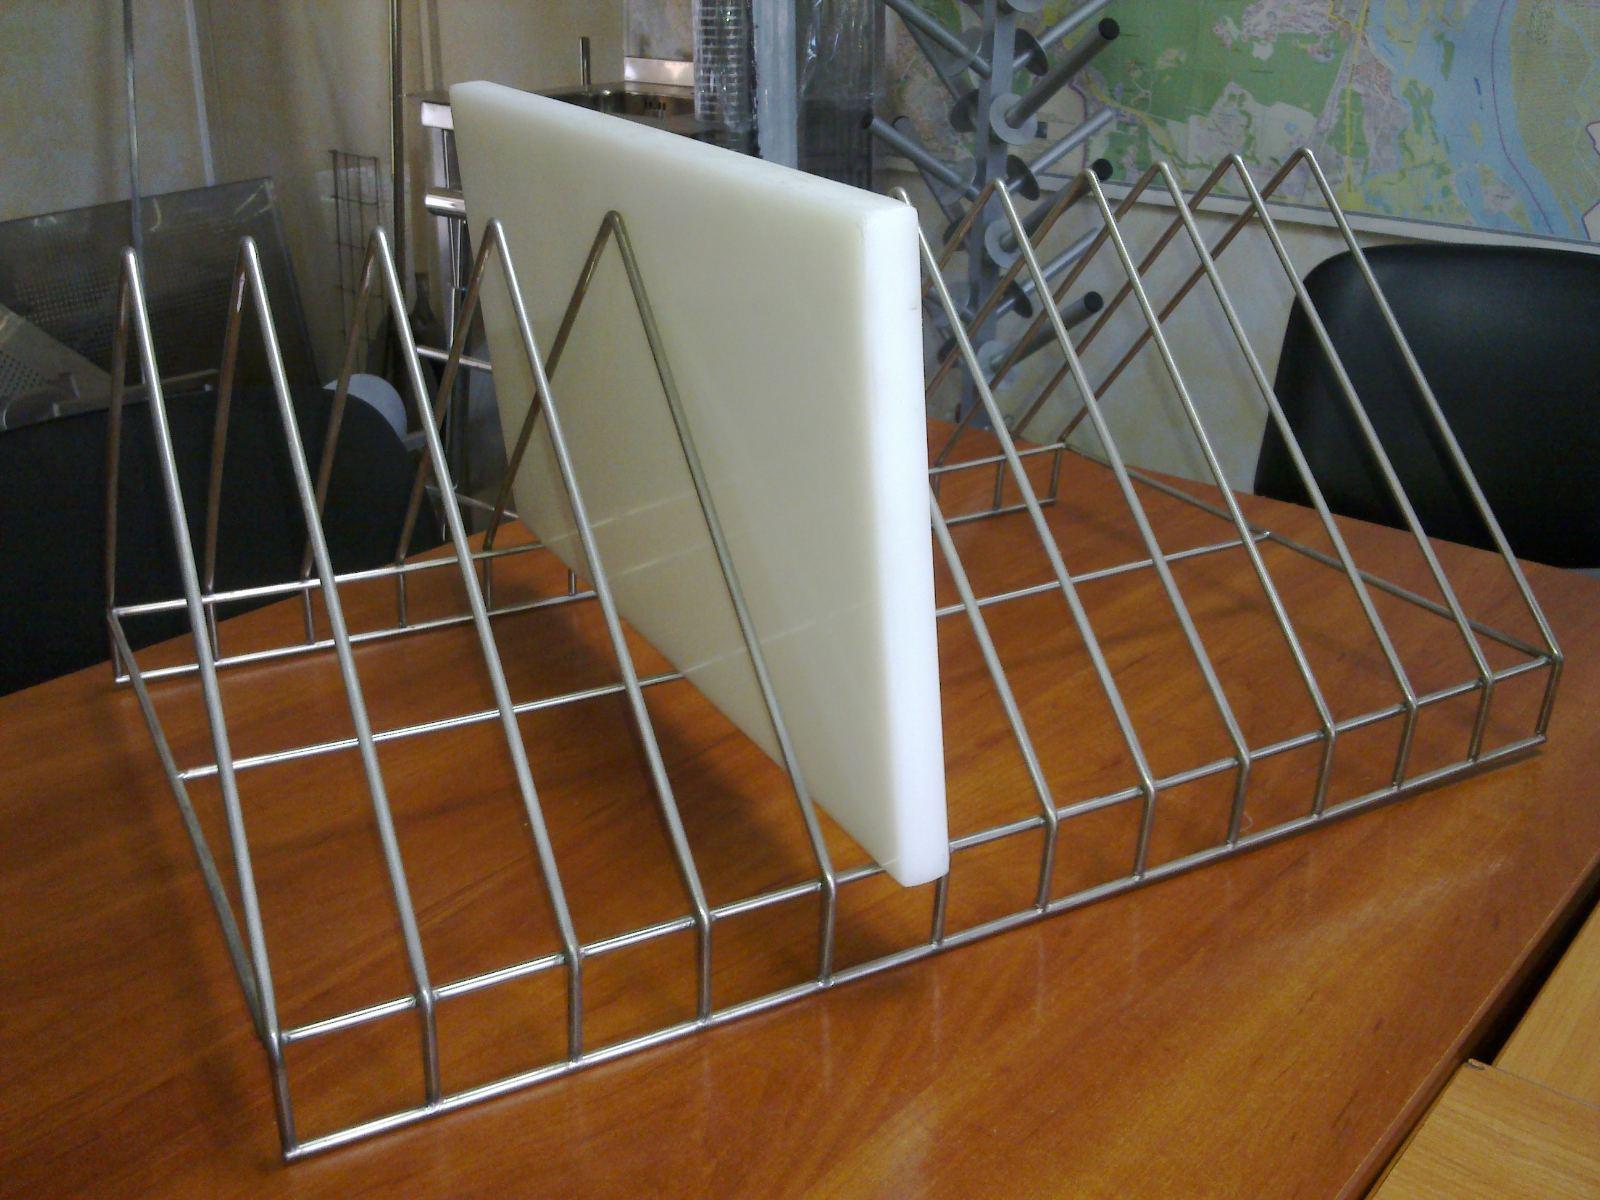 Полка для сушки посуды открытая (800 x 300 x 350) - фотография №6